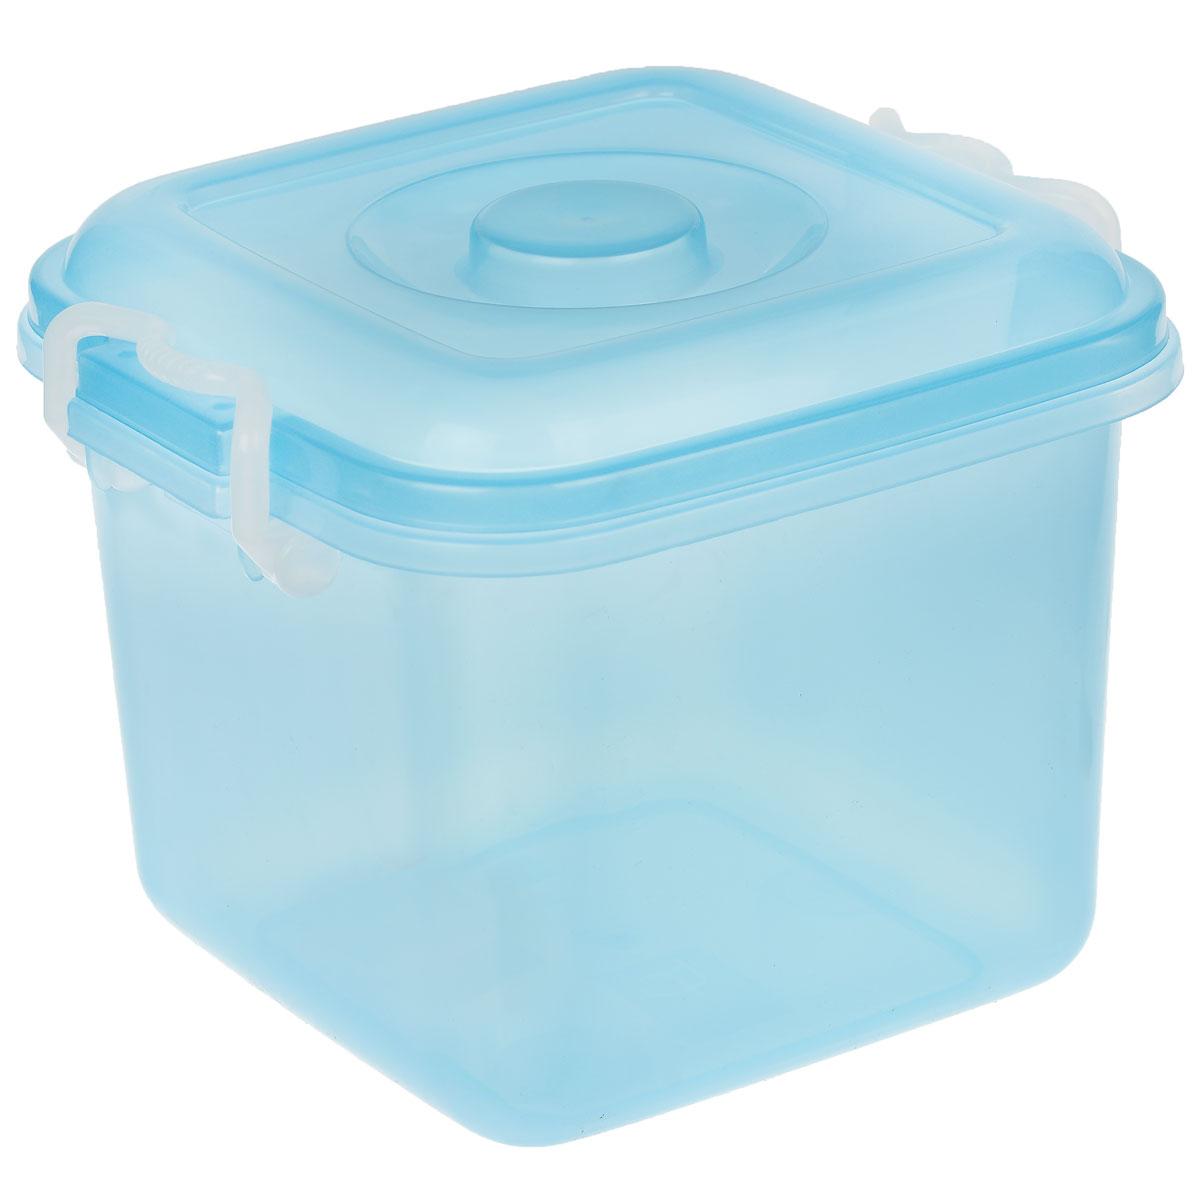 Контейнер для хранения Idea Океаник, цвет: голубой, 8 лБрелок для ключейКонтейнер Idea Океаник выполнен из пищевого пластика, предназначен для хранения различных вещей.Контейнер снабжен эргономичной плотно закрывающейся крышкой со специальными боковыми фиксаторами.